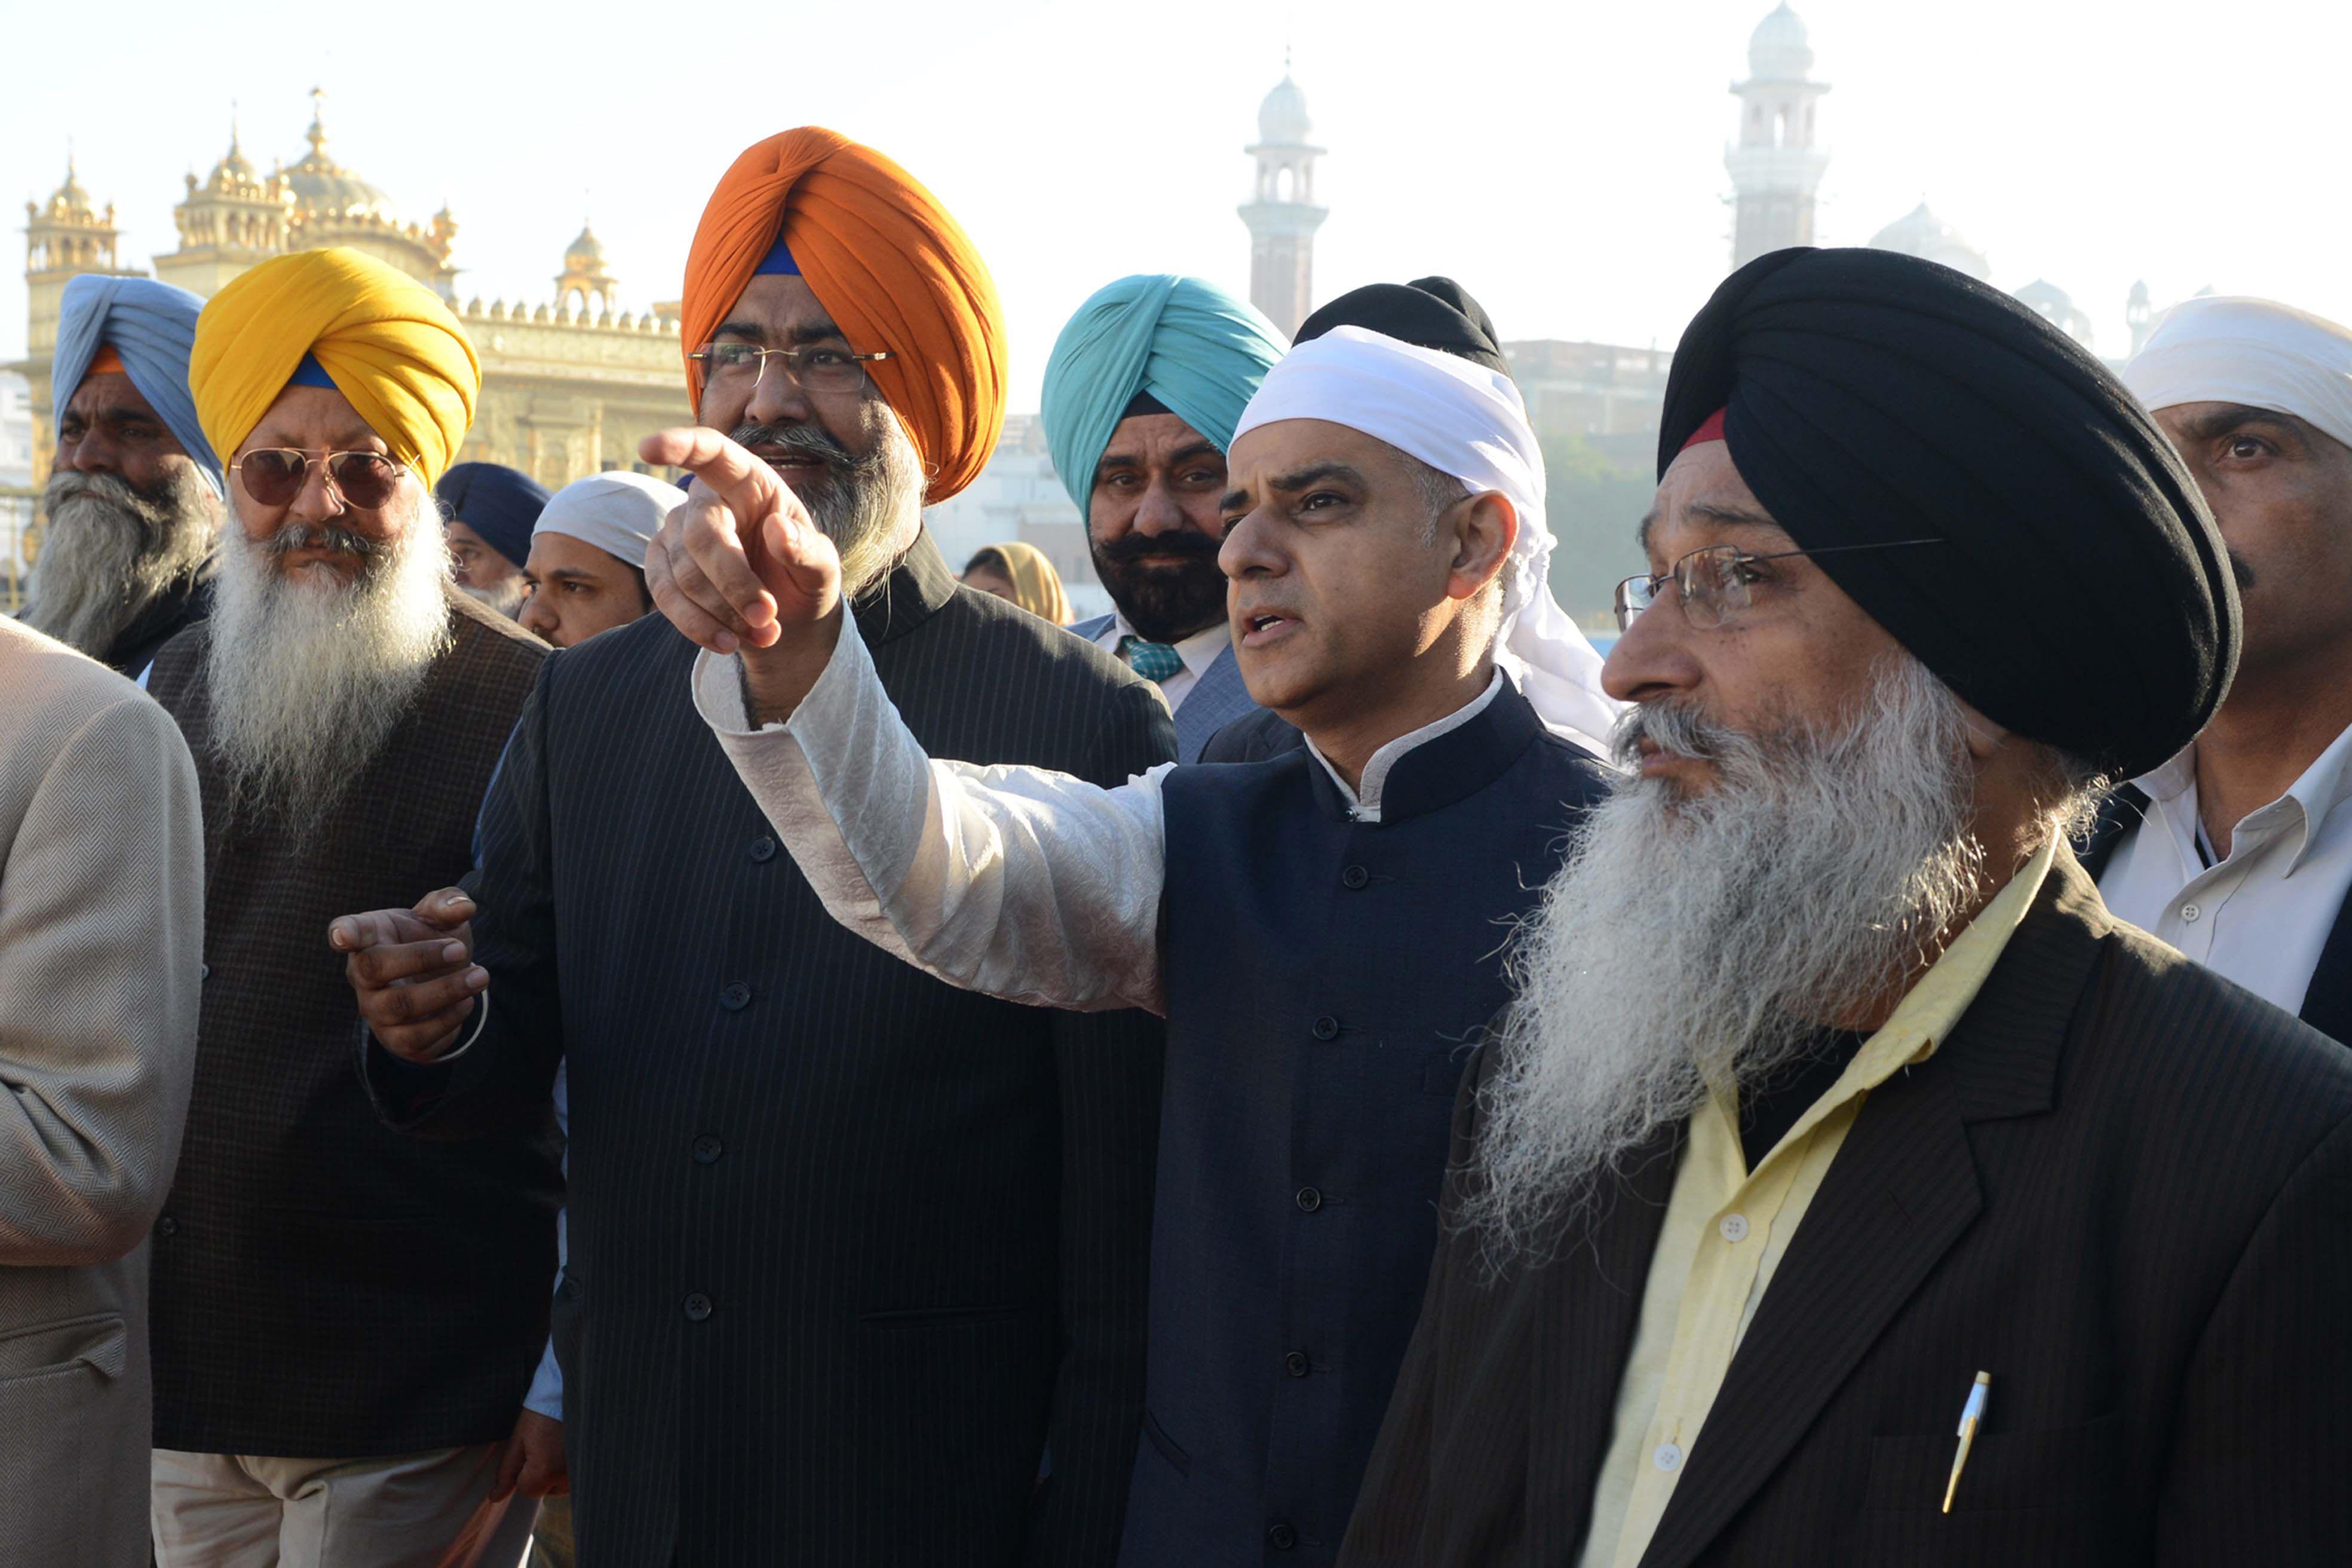 صادق خان مع اتباع الديانة السيخية فى الهند